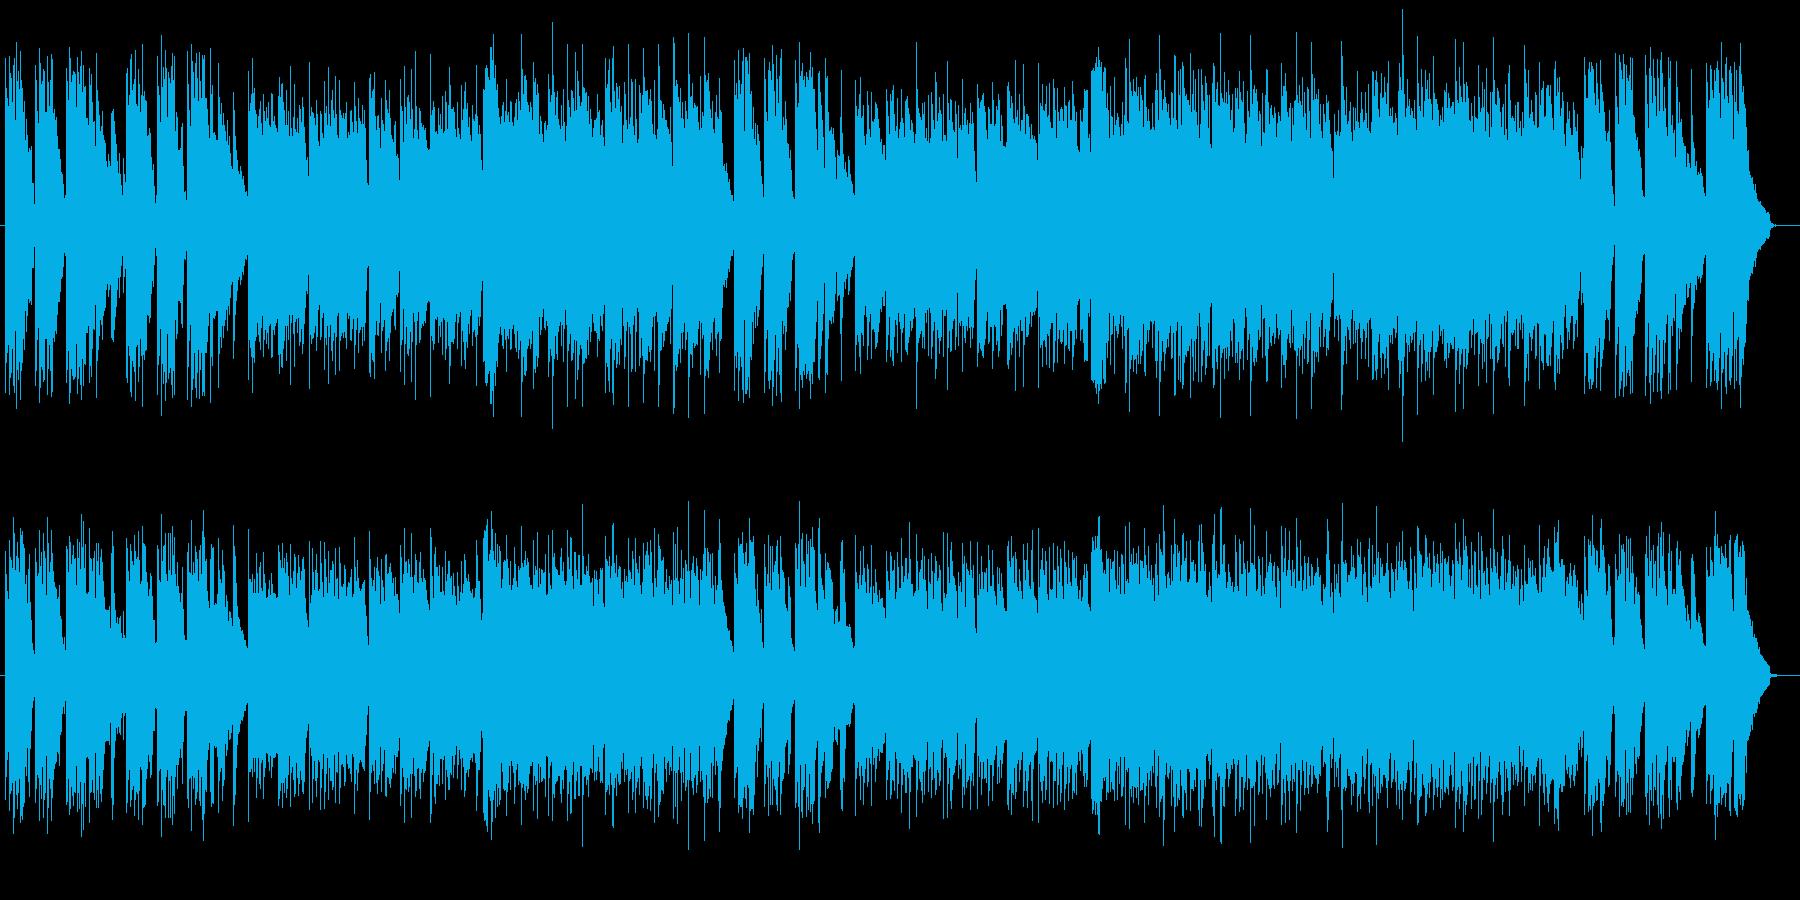 力を抜いて聞けるリラックスミュージックの再生済みの波形